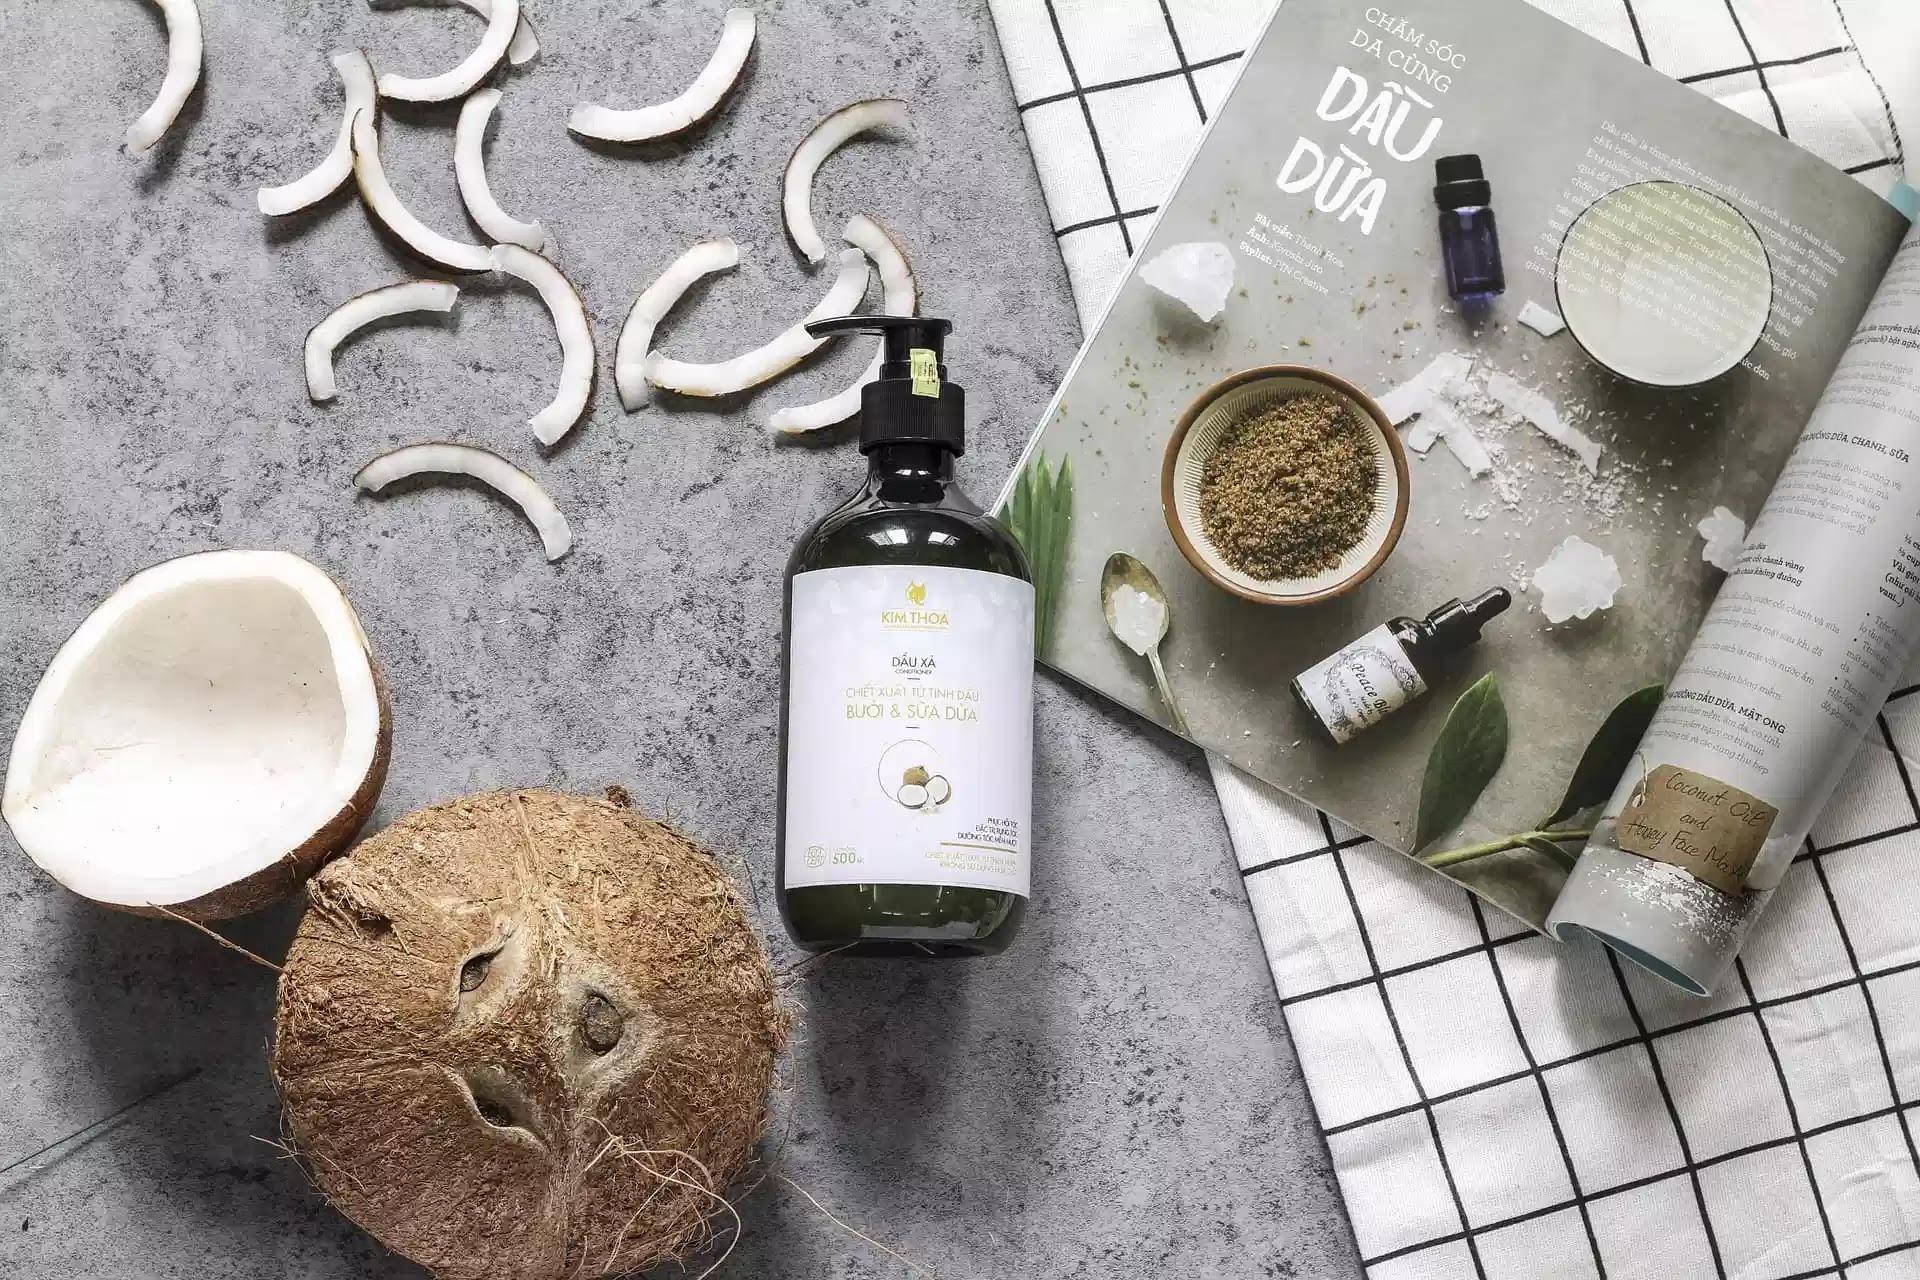 افضل الزيوت لعلاج الشعر الجاف - دليل شامل